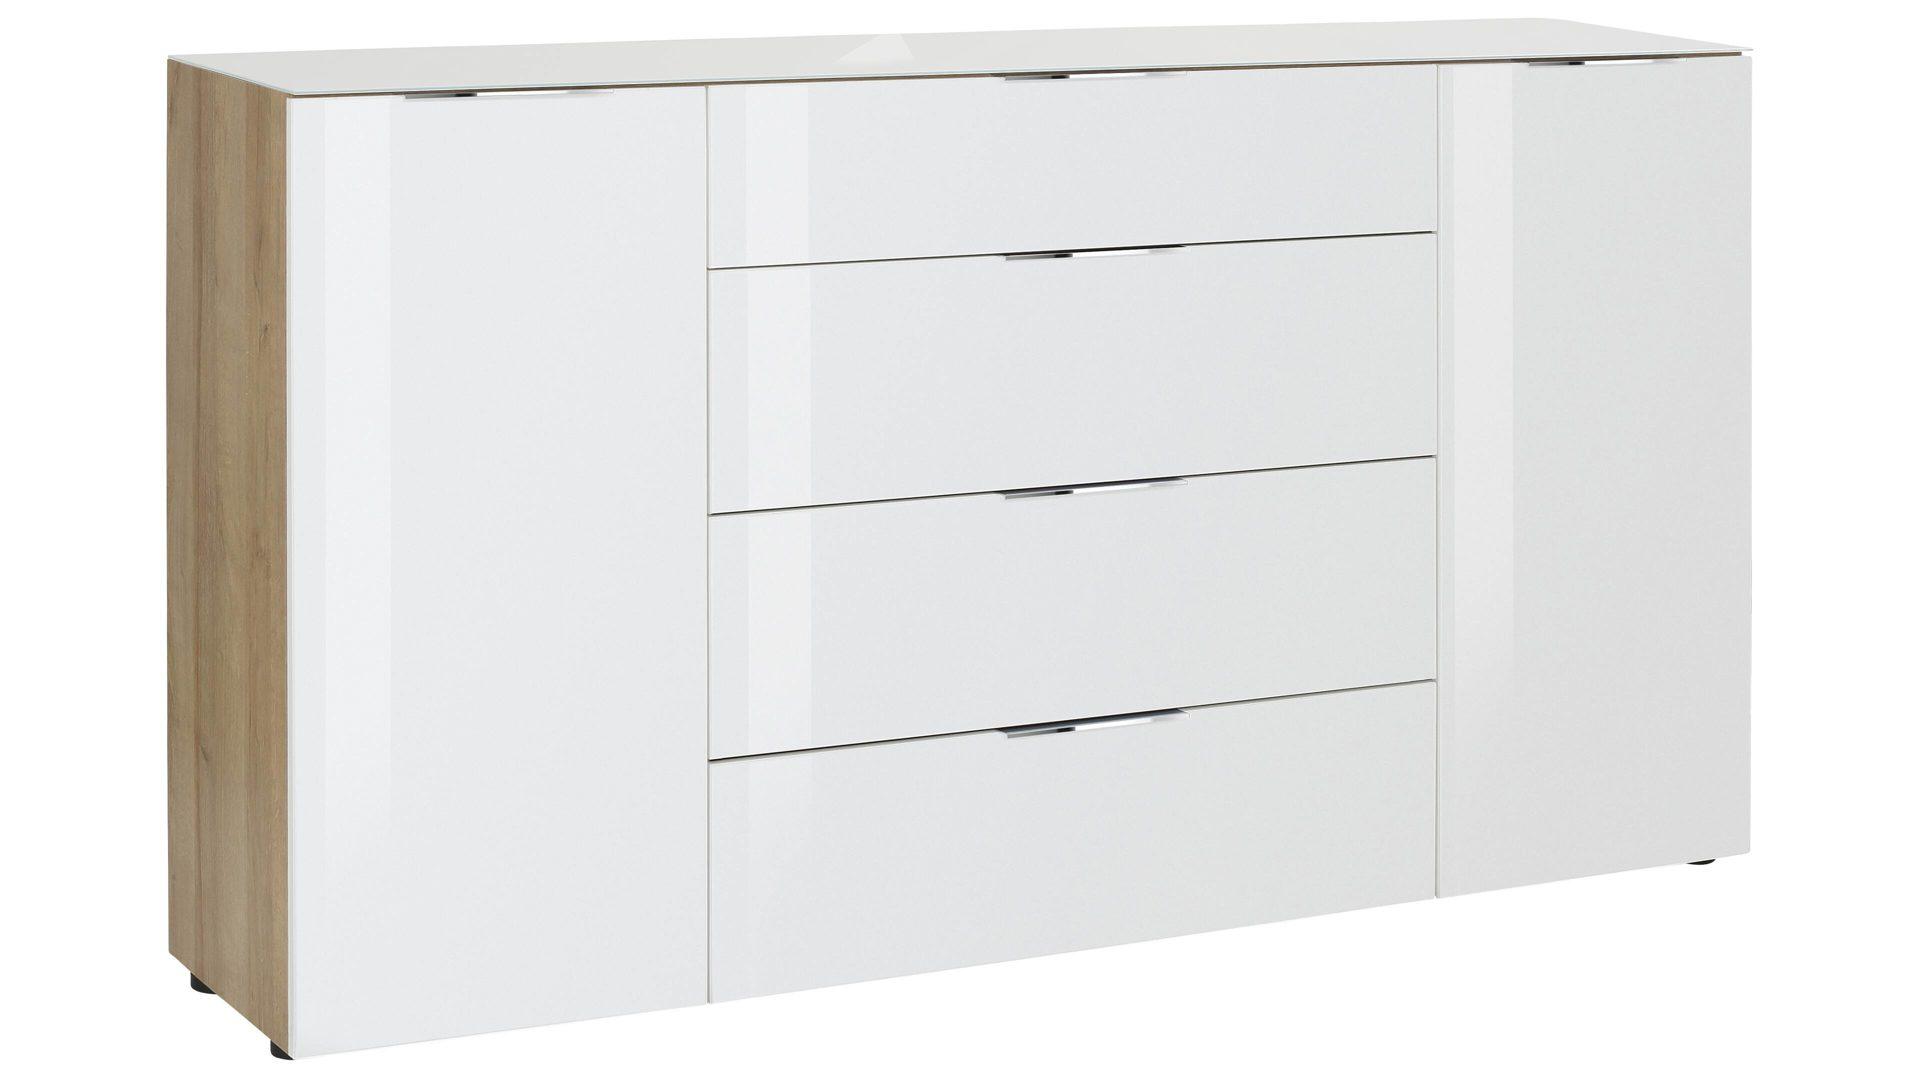 Wohnland Breitwieser , Räume, Schlafzimmer, Kommoden + Sideboards ...